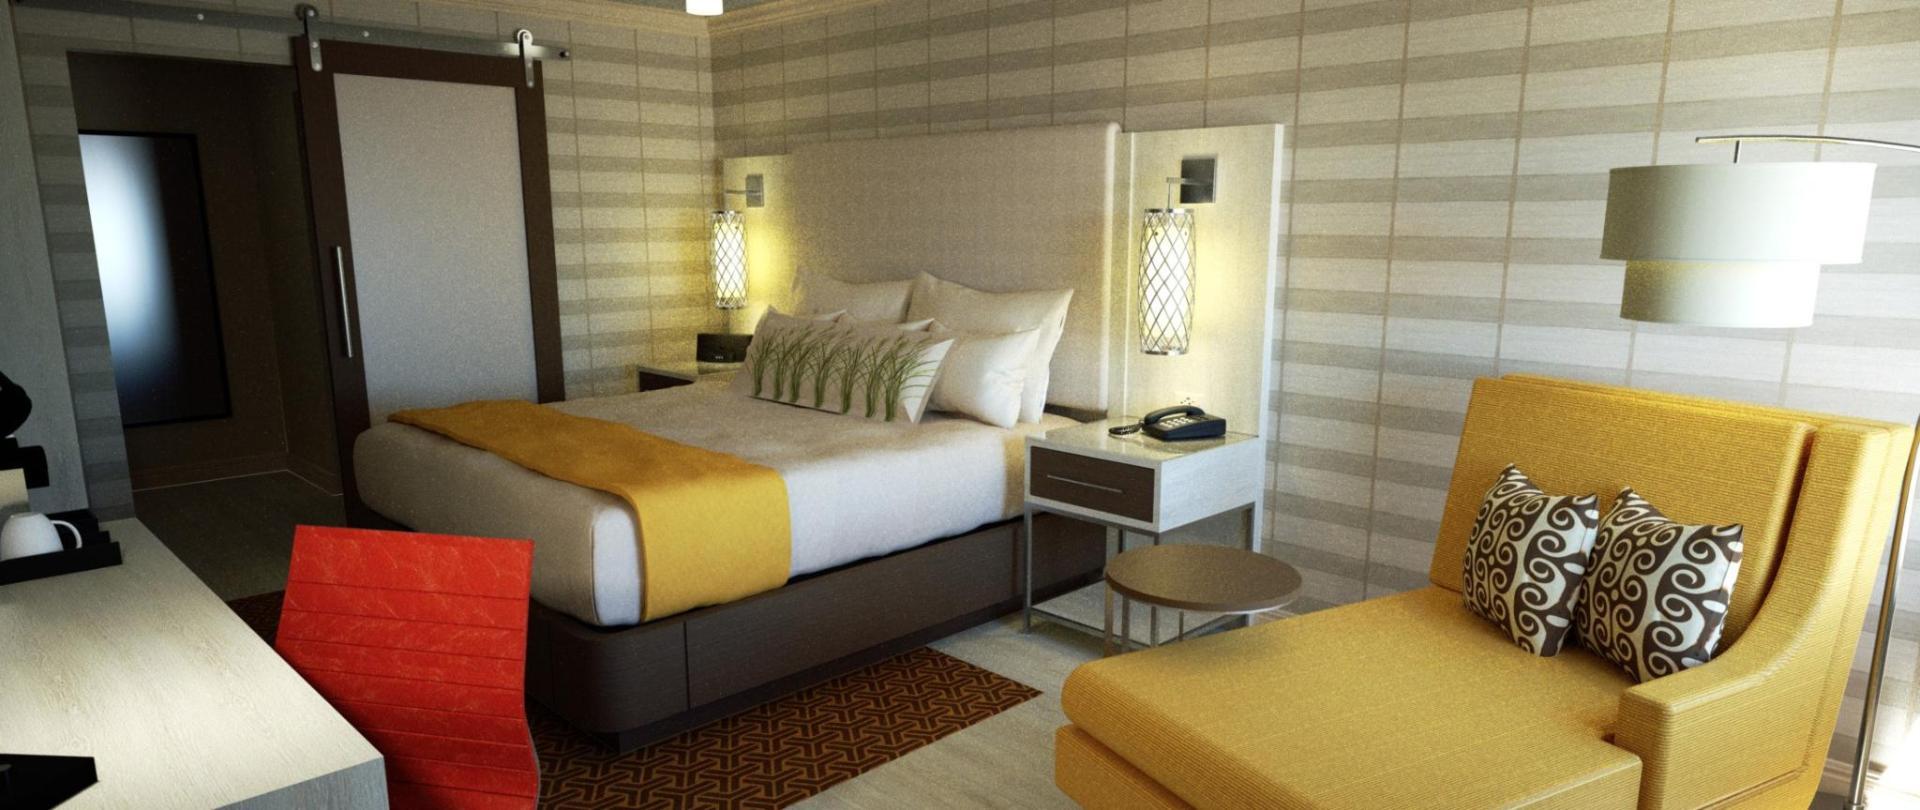 Guestroom View 2.jpg